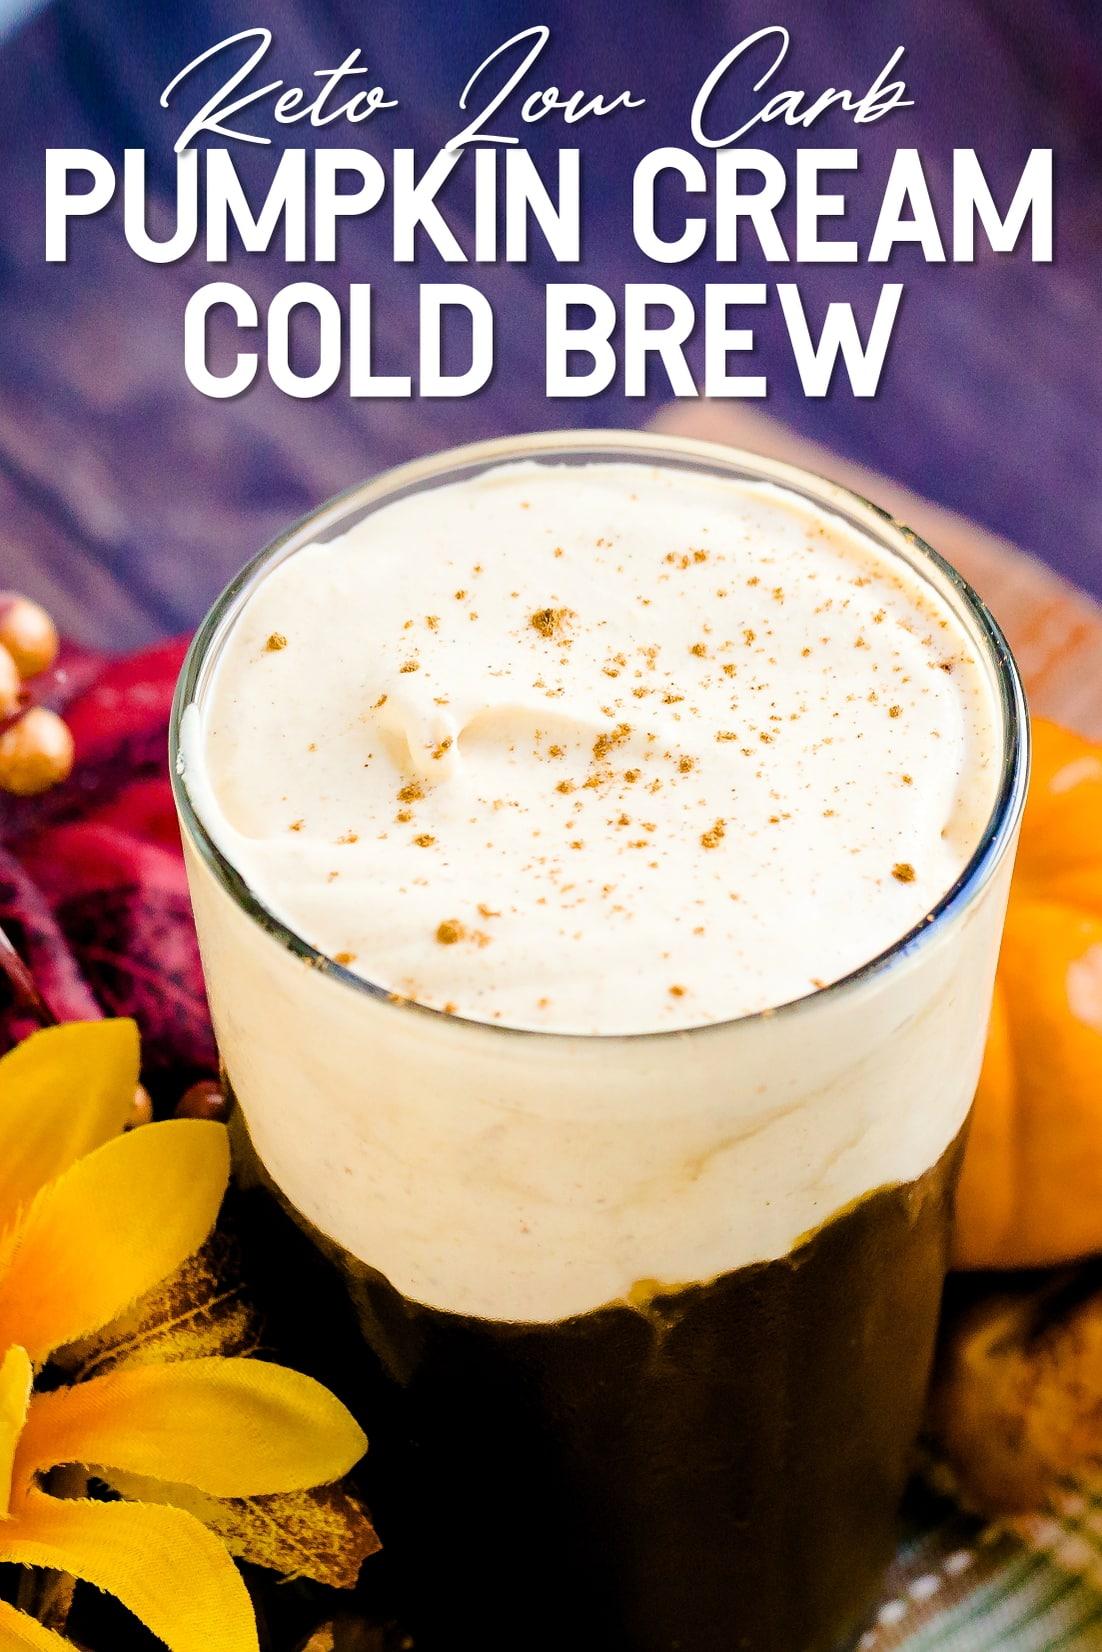 Keto Pumpkin Cream Cold Brew in a glass tumbler